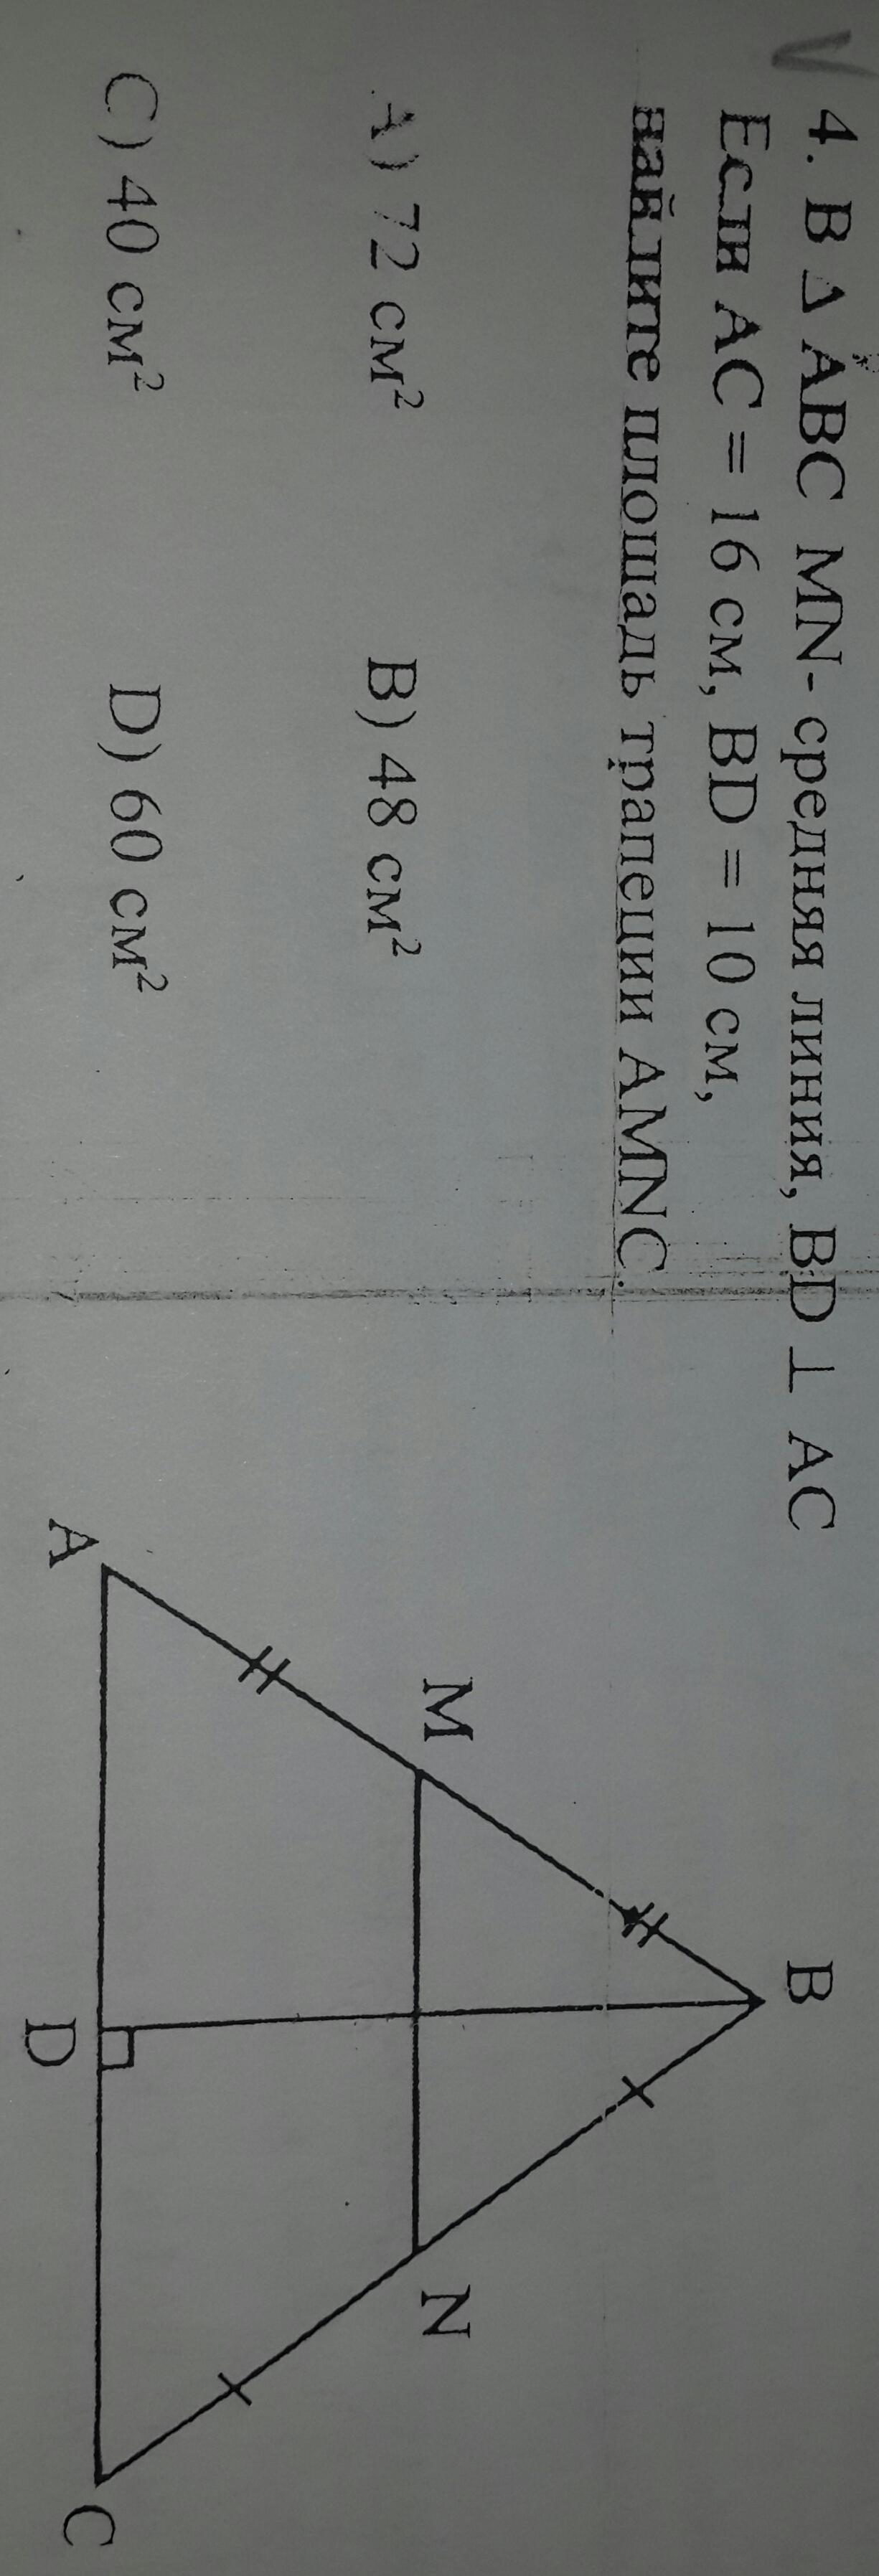 В треугольнике АВС MN -средняя линия, BD